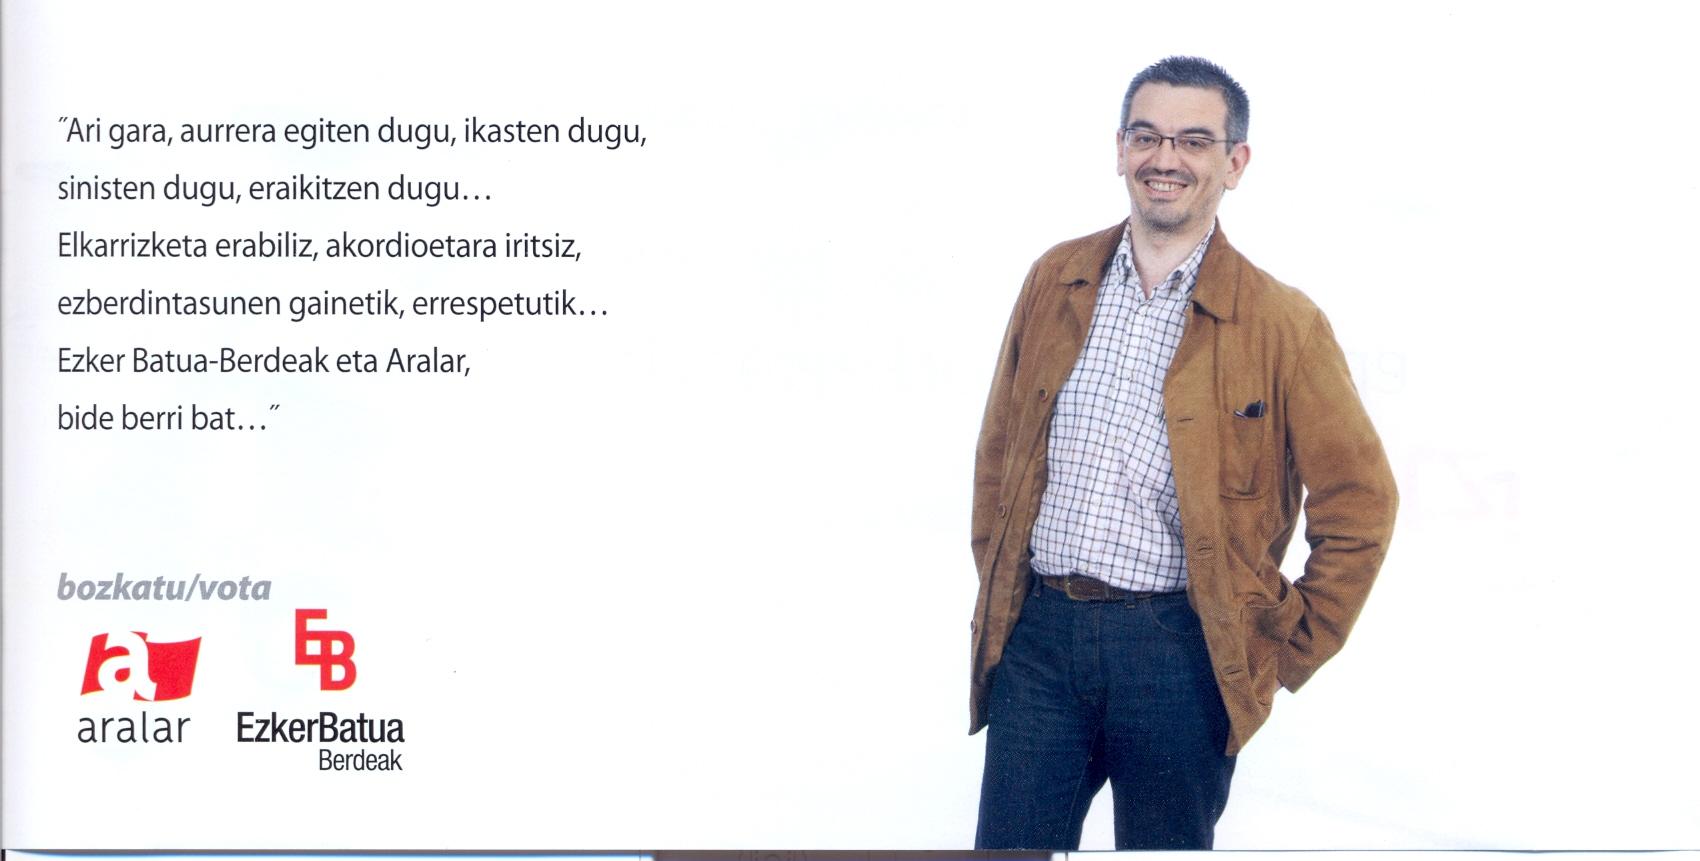 Que Cinco Cosas Harias Si Manana Fueras Alcalde De Tu